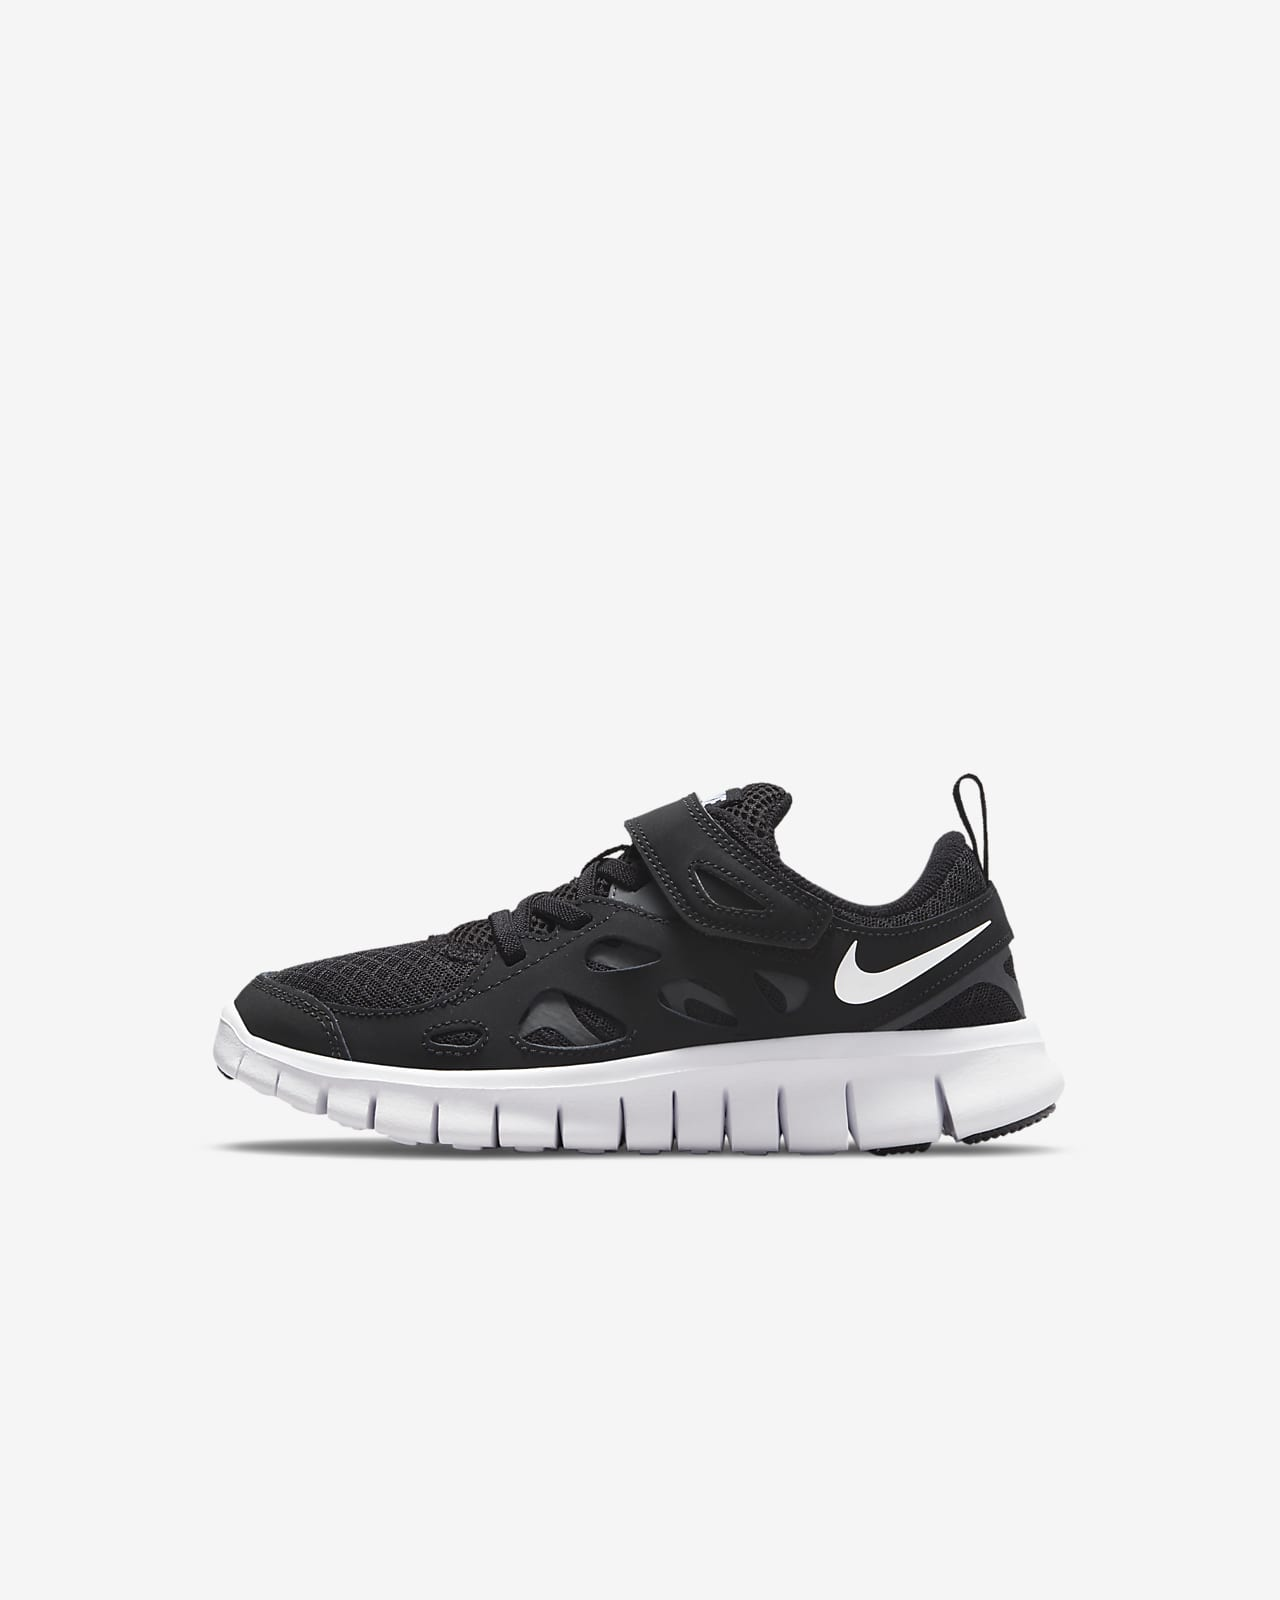 Nike Free Run2 Zapatillas - Niño/a pequeño/a